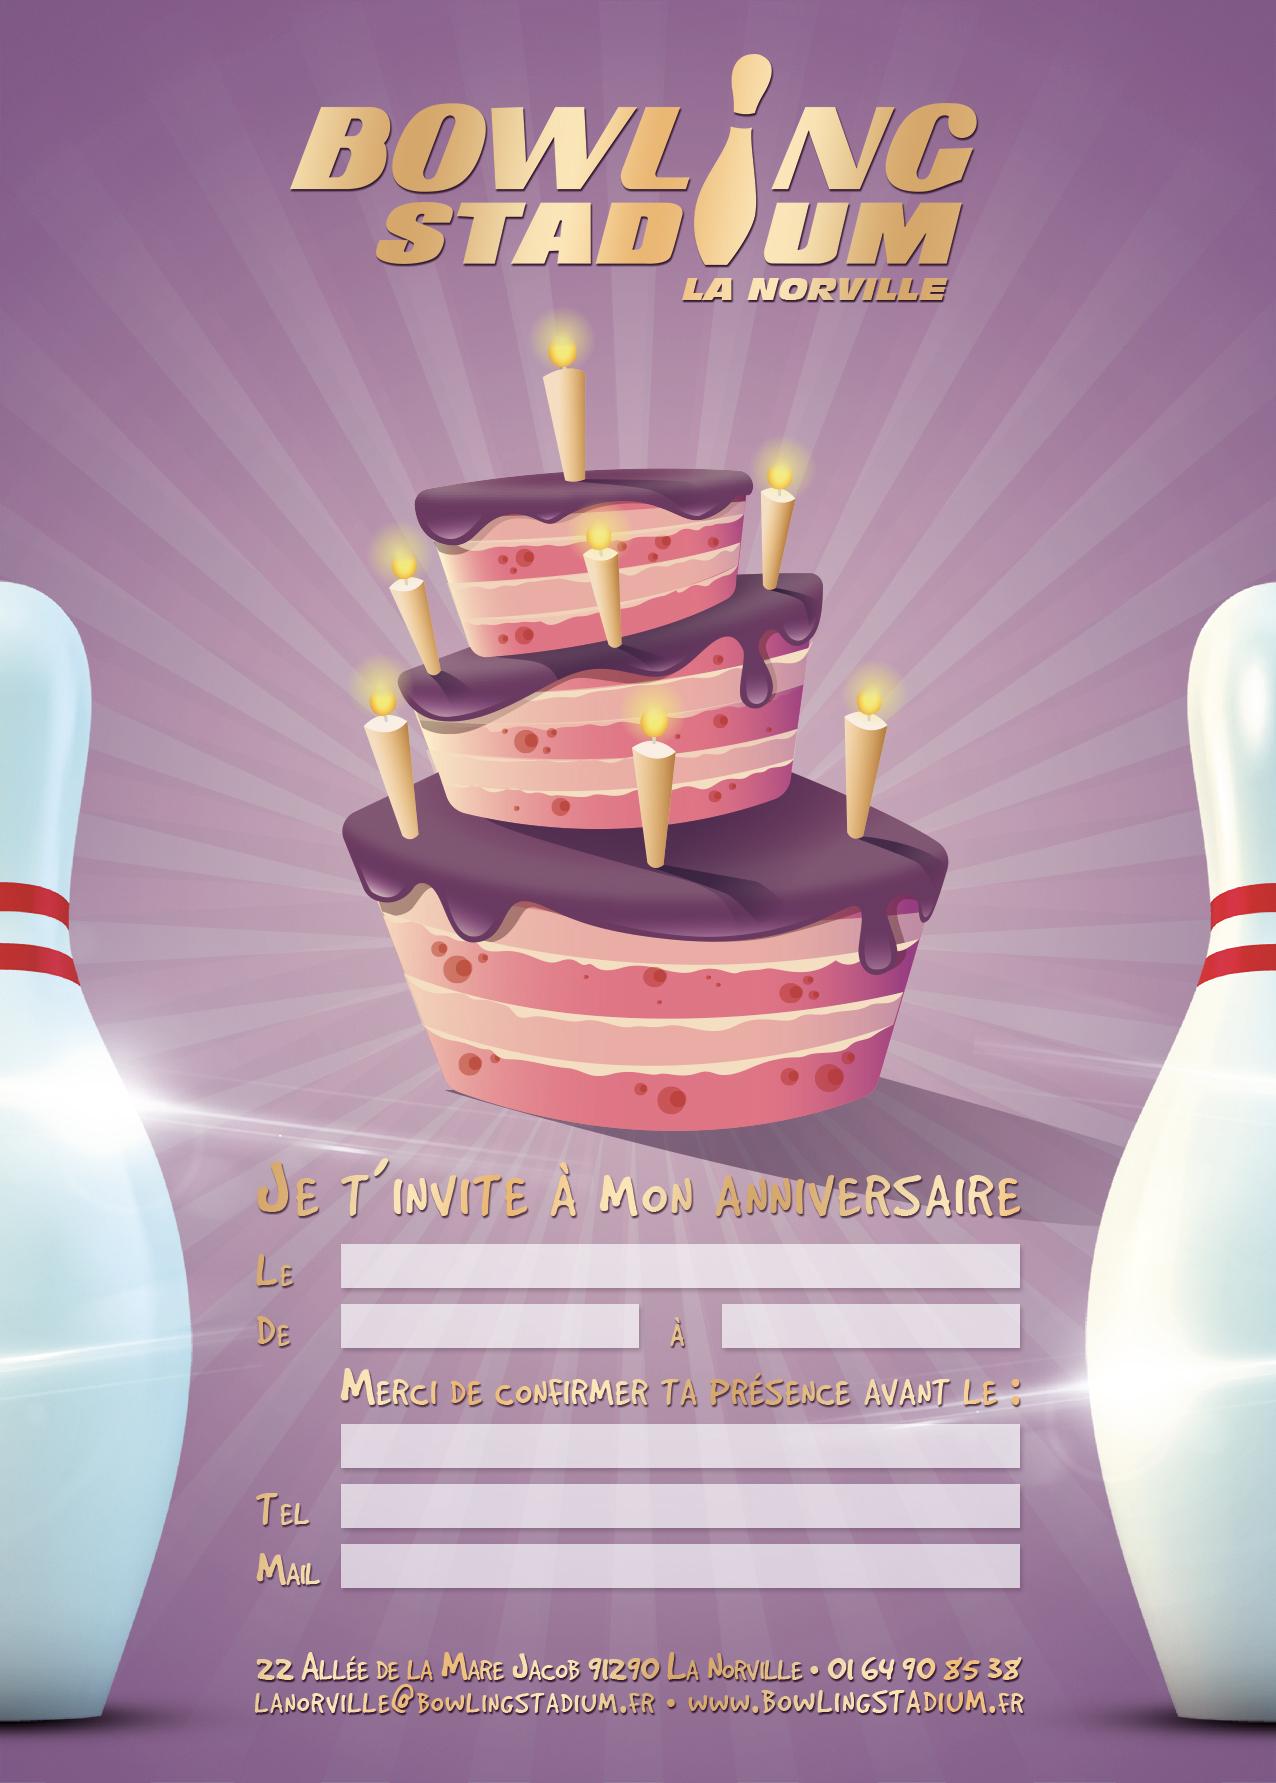 anniversaire bowling norville